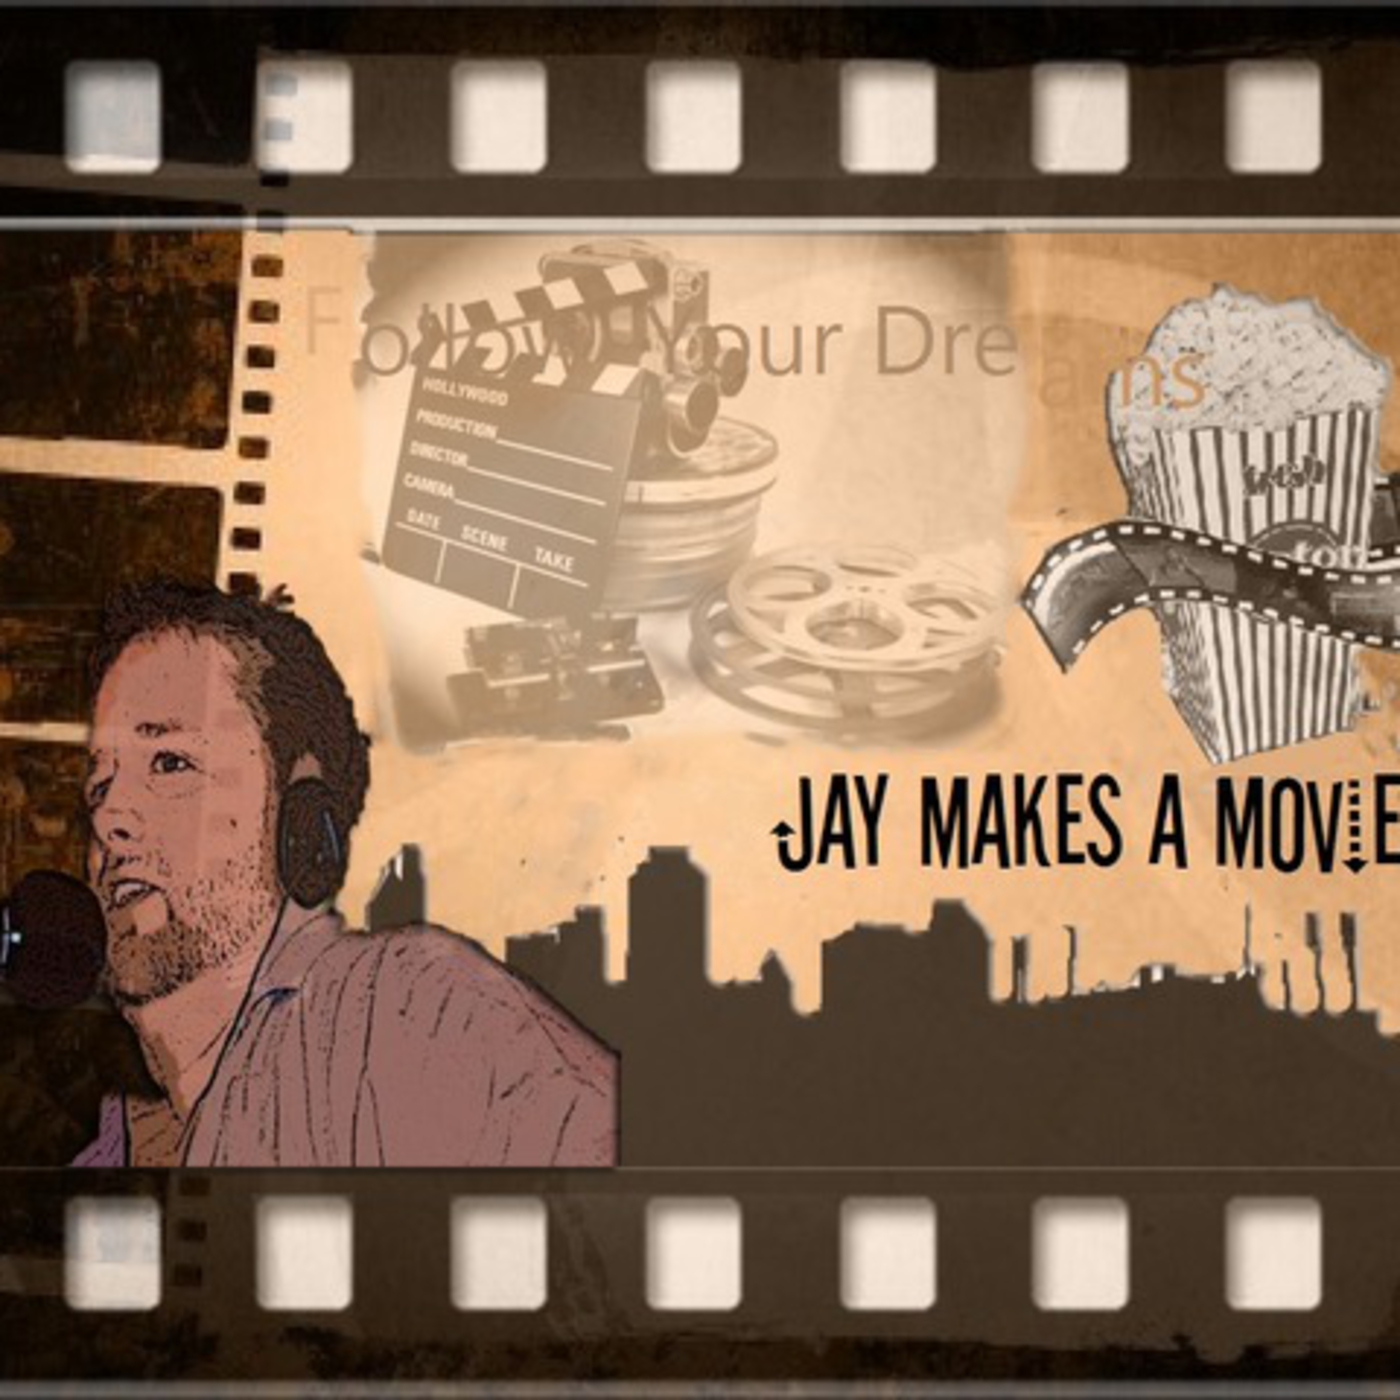 Jay Makes a Movie